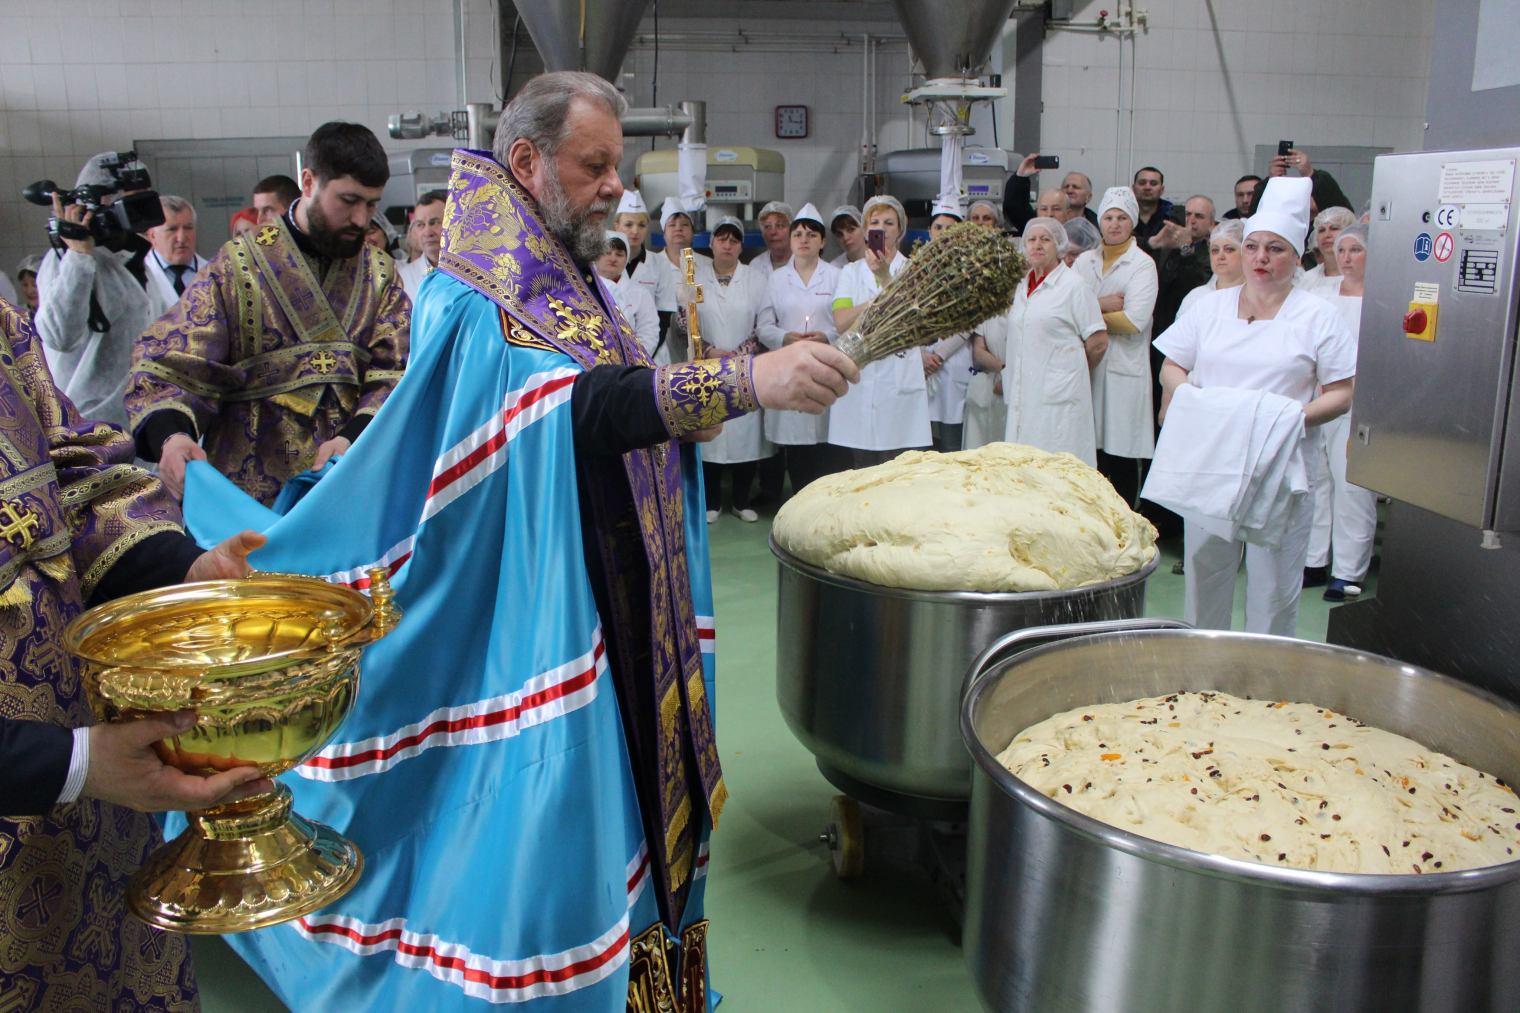 (ФОТО+ВИДЕО) Митрополит Владимир благословил процесс изготовления пасхальных куличей на кондитерском заводе Franzeluța